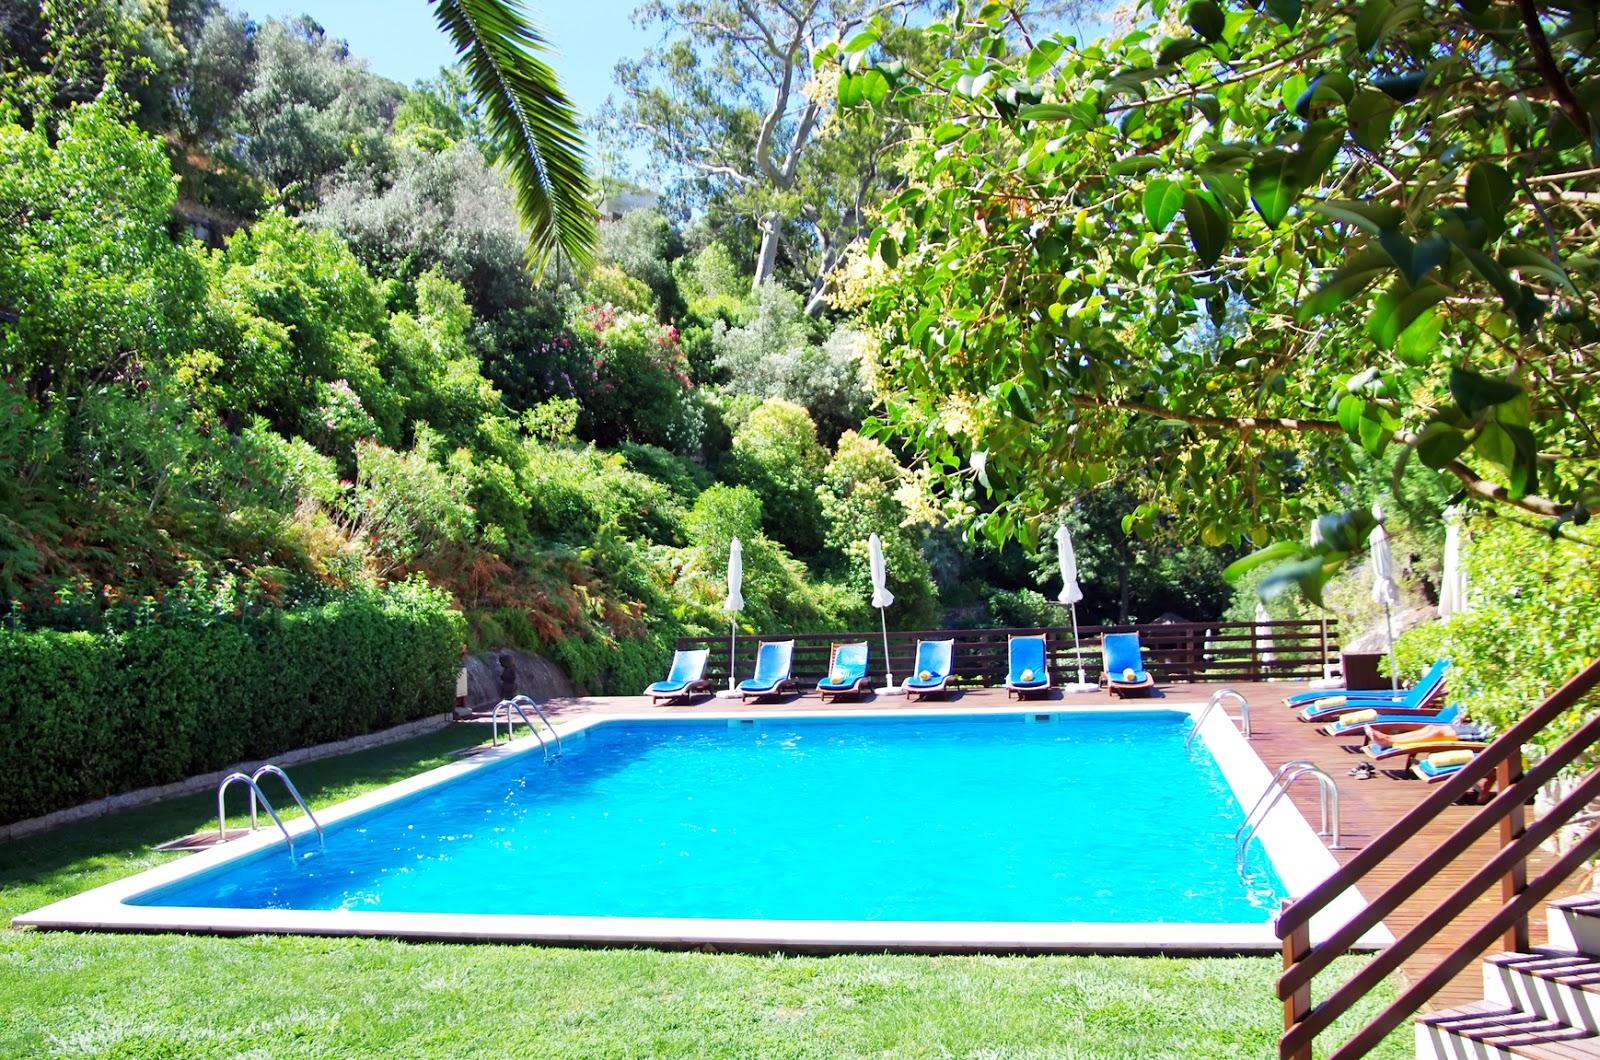 Banco de im genes piscina o alberca de agua azul con for Fotos de patios con piletas